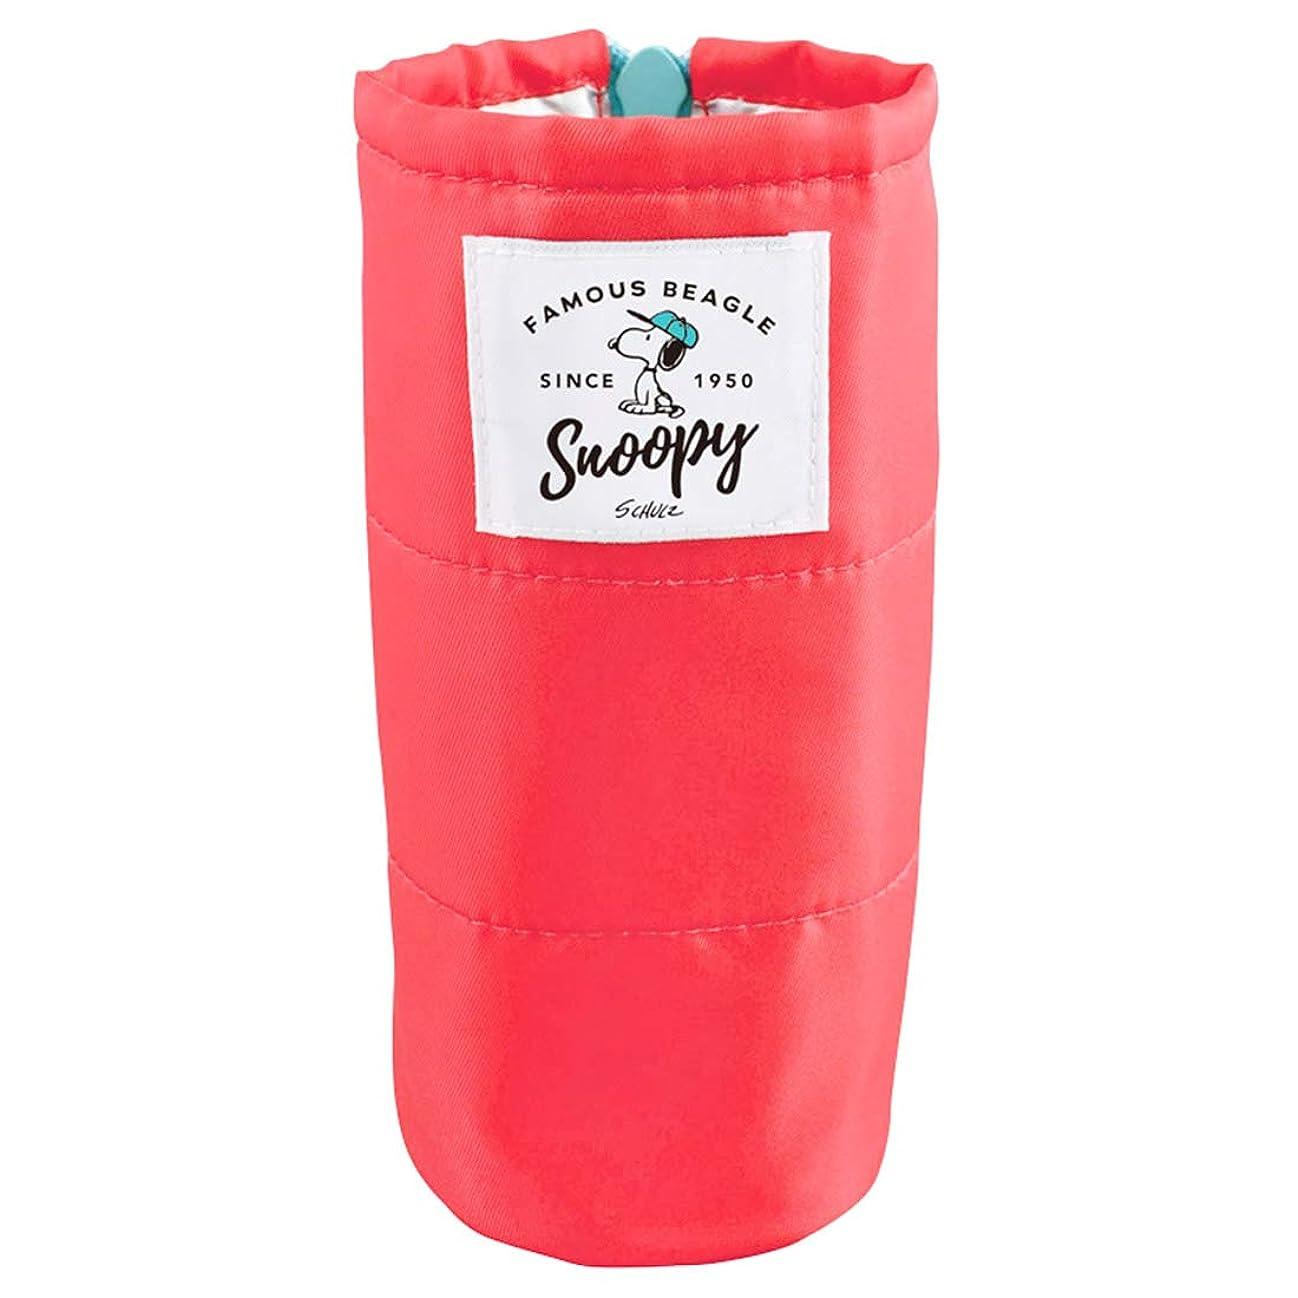 異常殺人者高度なペットボトル カバー スヌーピー 保冷 ペットボトルホルダー 保温 かわいい 500ml用 SNOOPY ネオンカラー かわいい ピンク ブルー グリーン